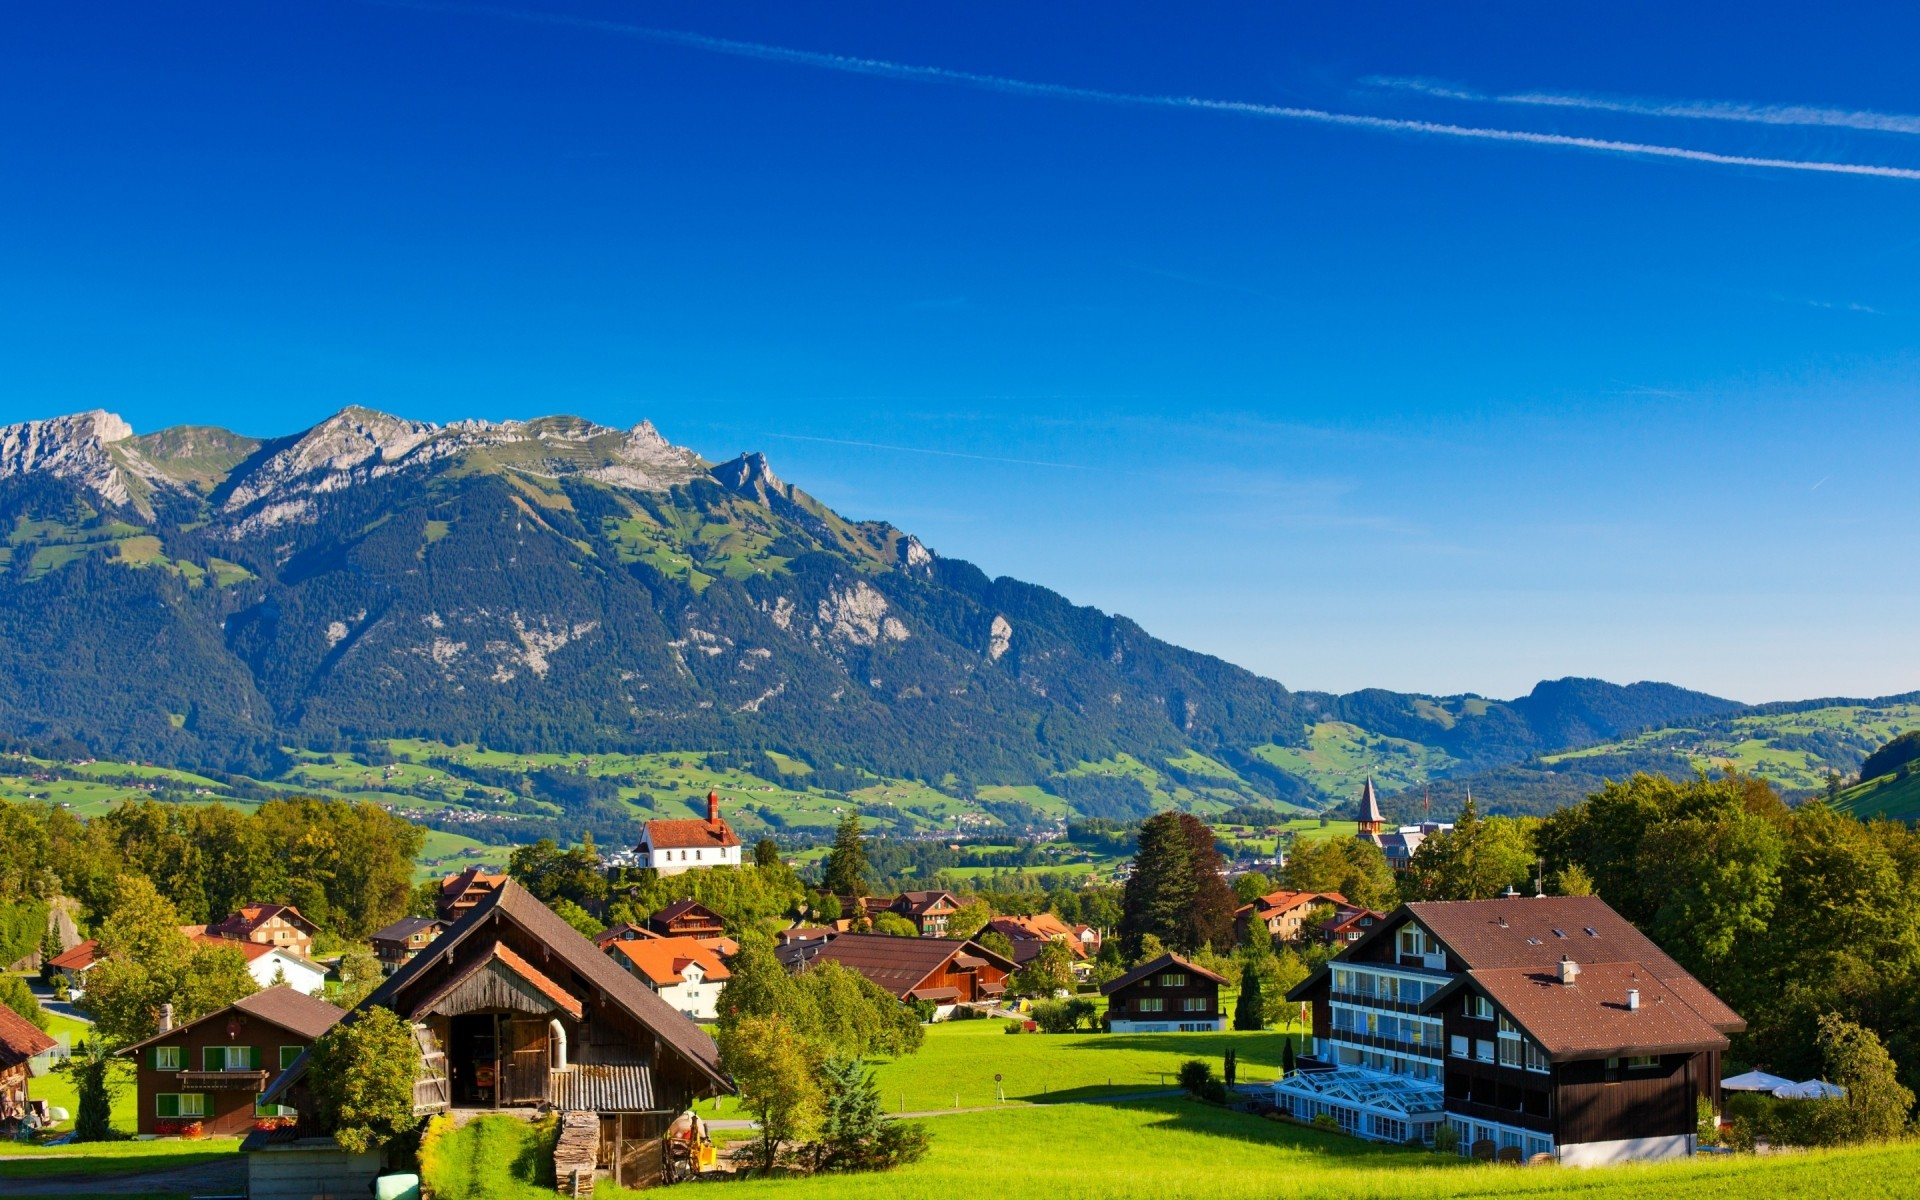 которым обои на рабочий стол альпийская деревня новые